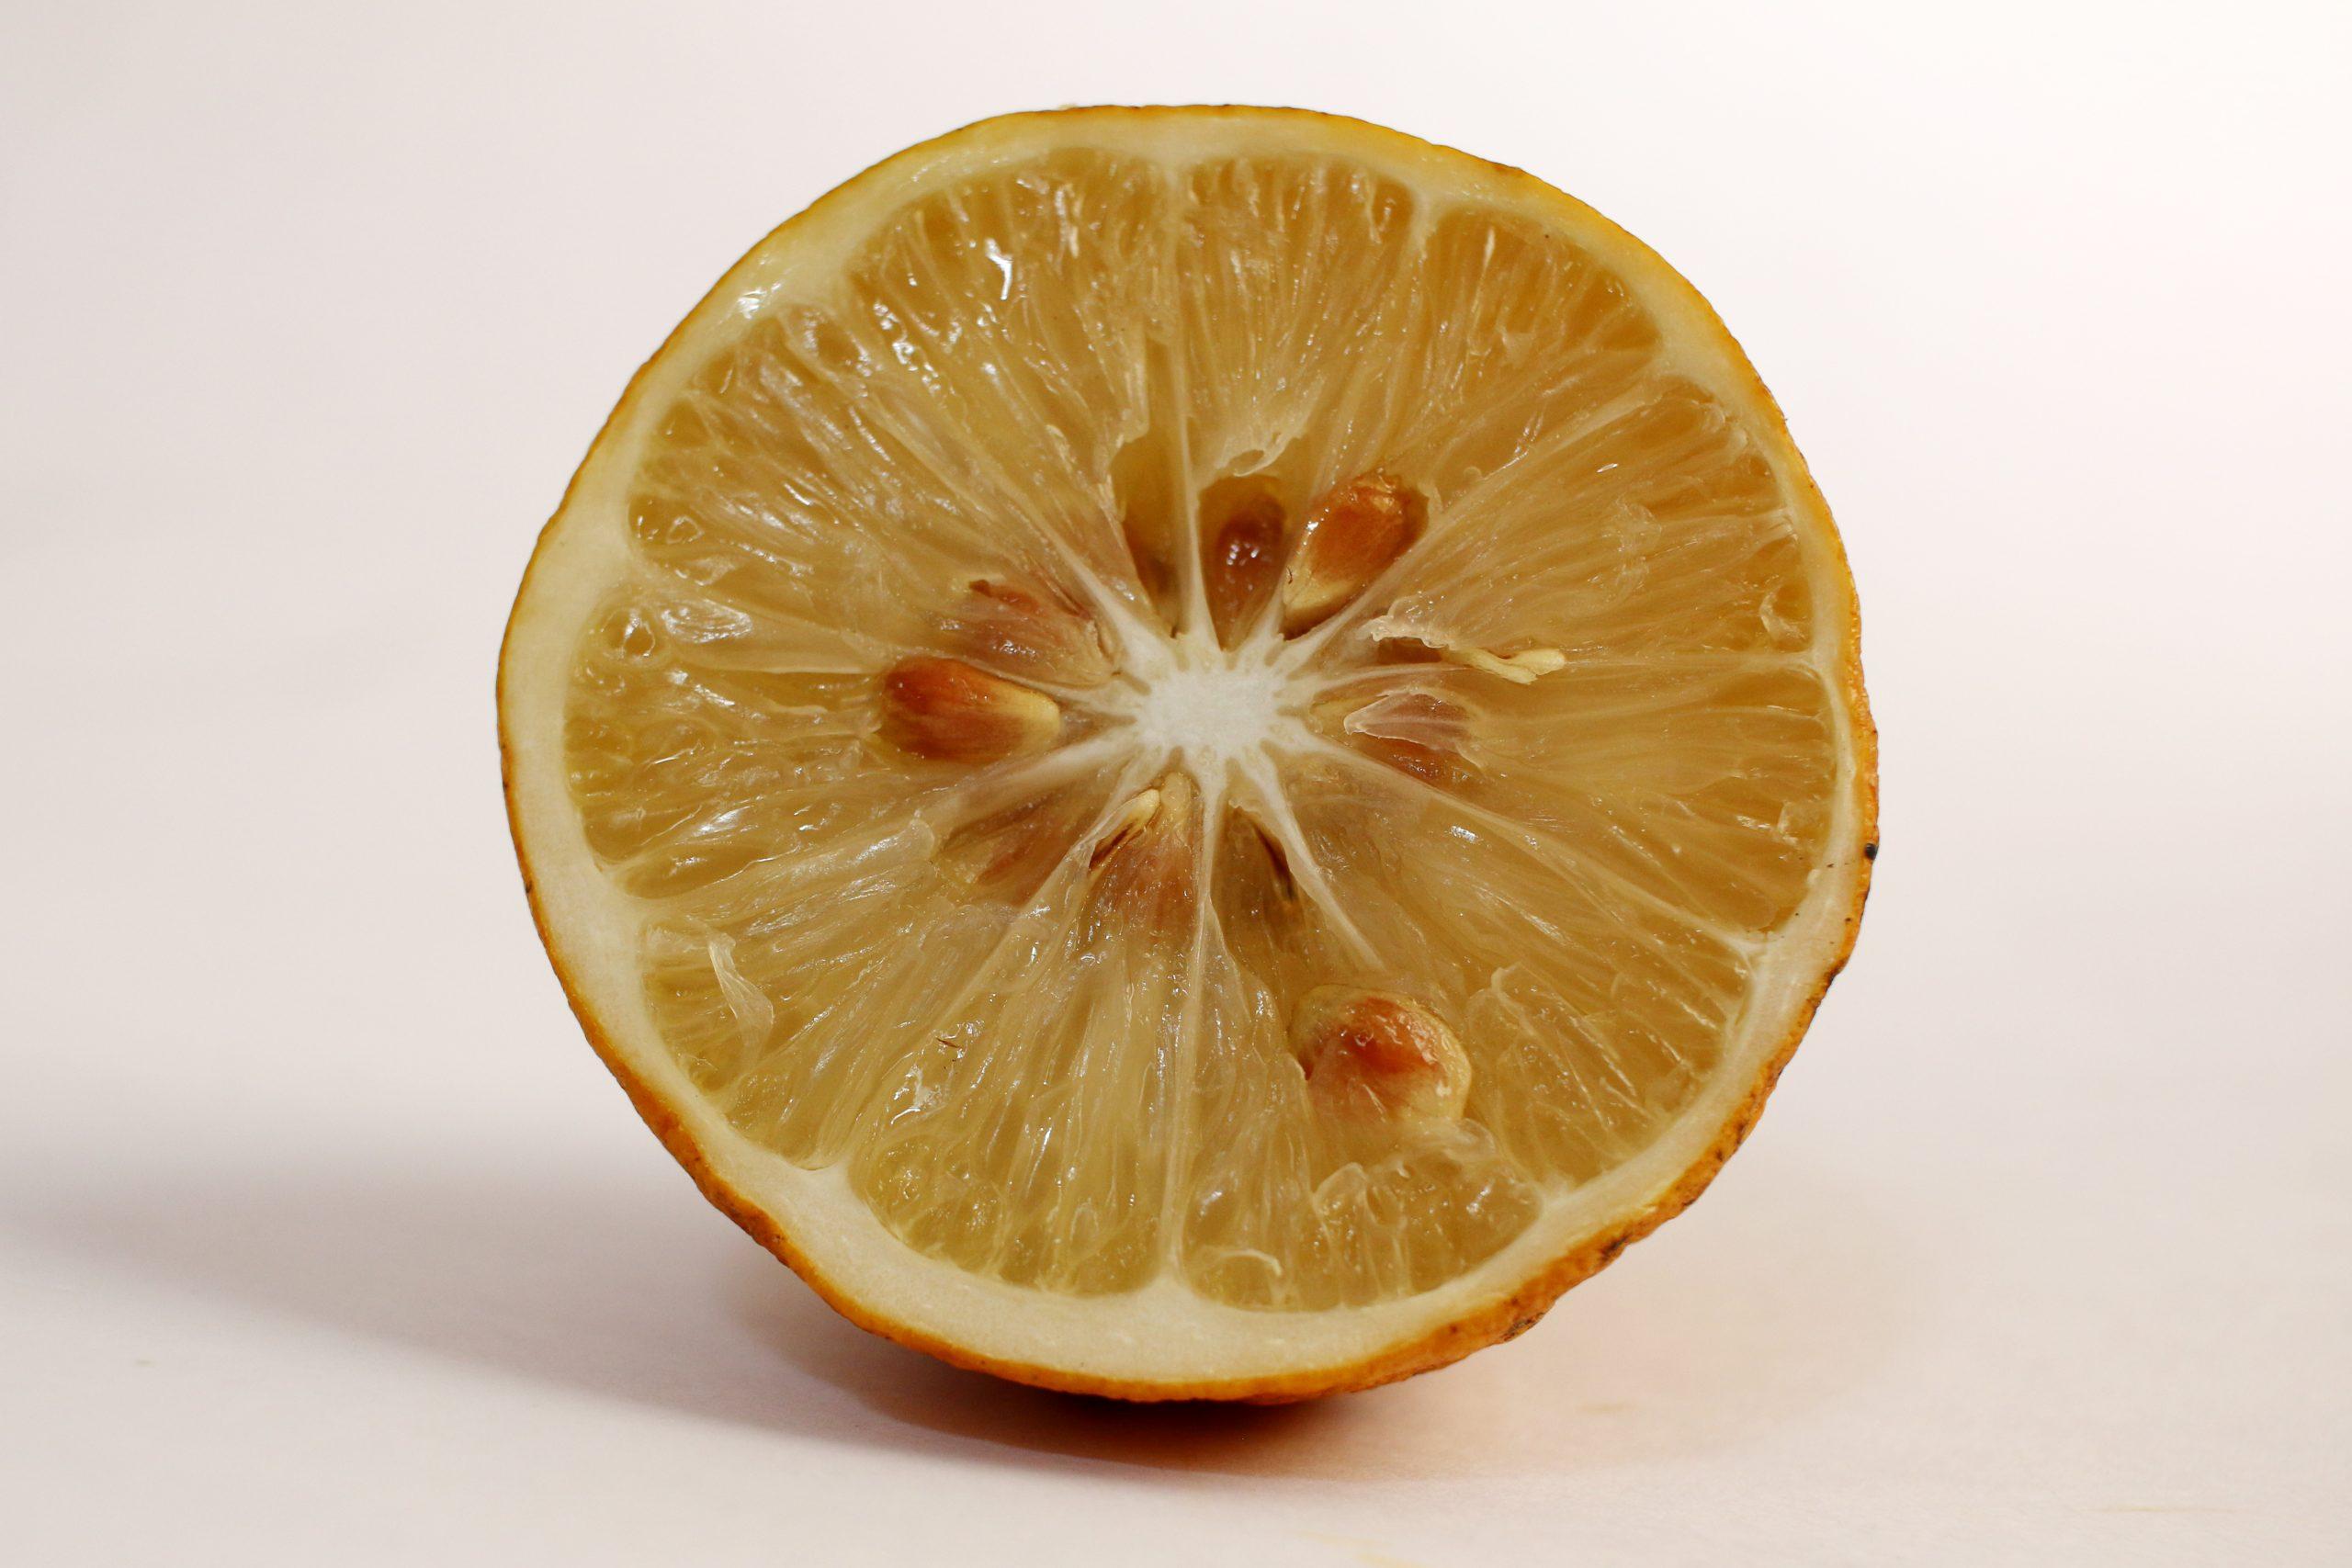 Lemon piece